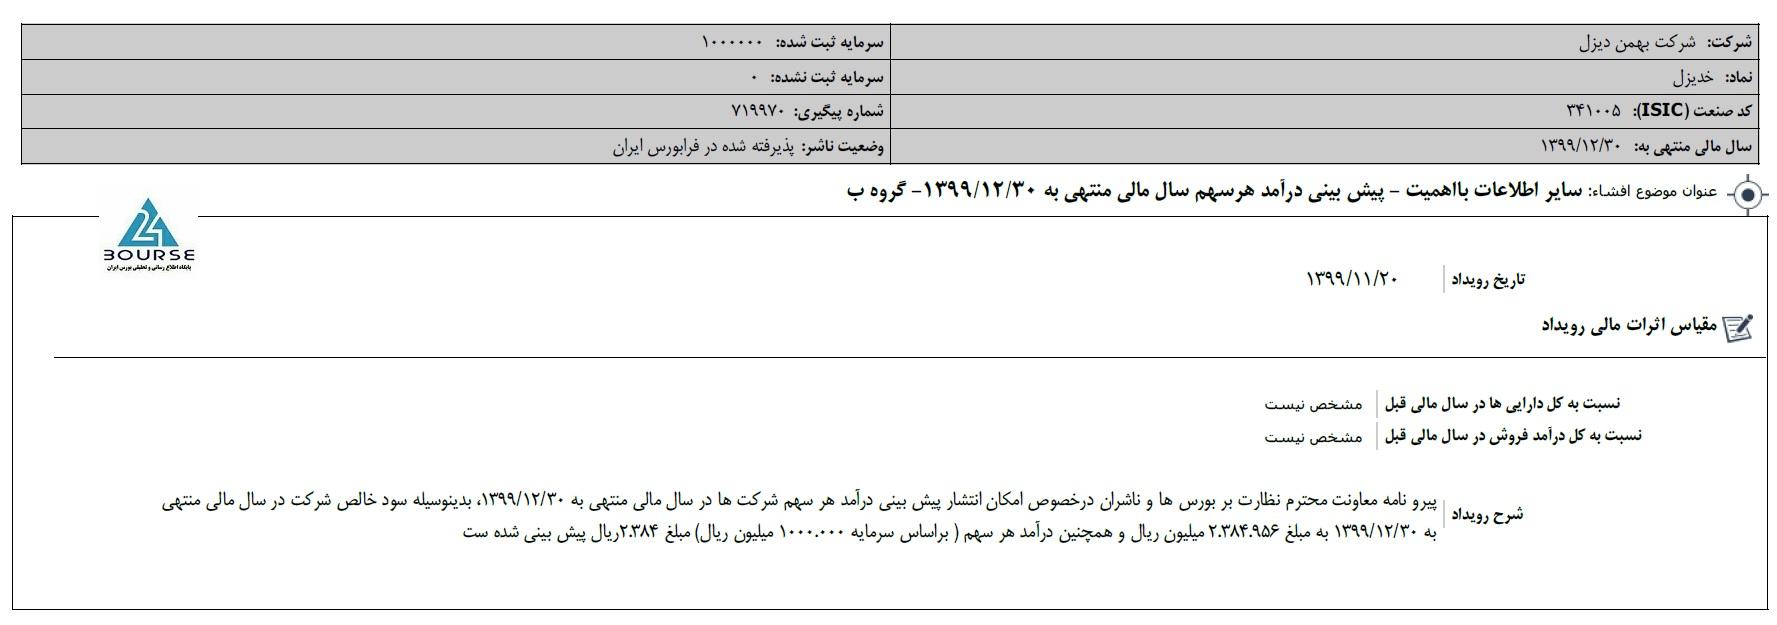 بهمن دیزل و پیش بینی بودجه سال جاری